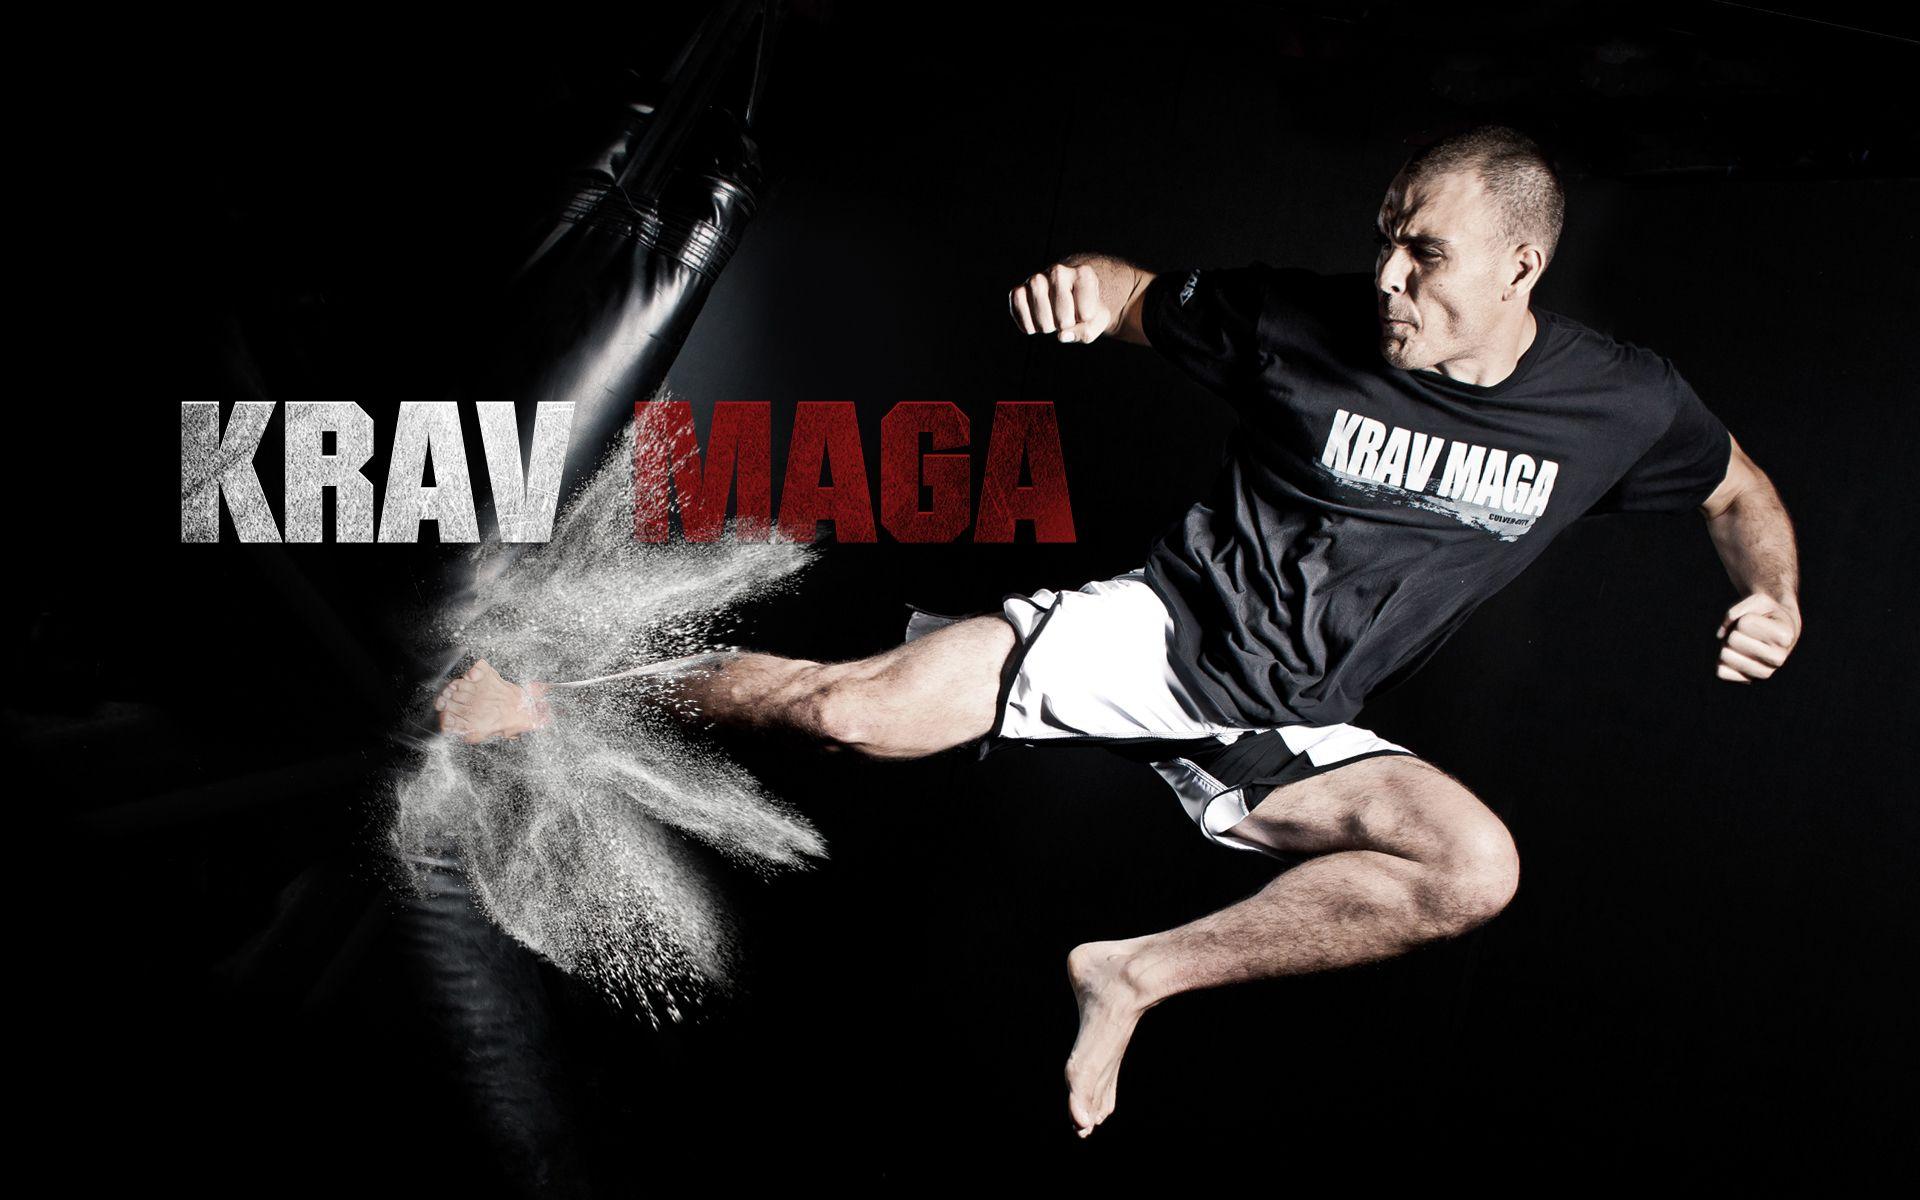 Try Strike Krav Maga In Santa Clarita Gyminsantaclarita Krav Maga What Is Krav Maga Learn Krav Maga